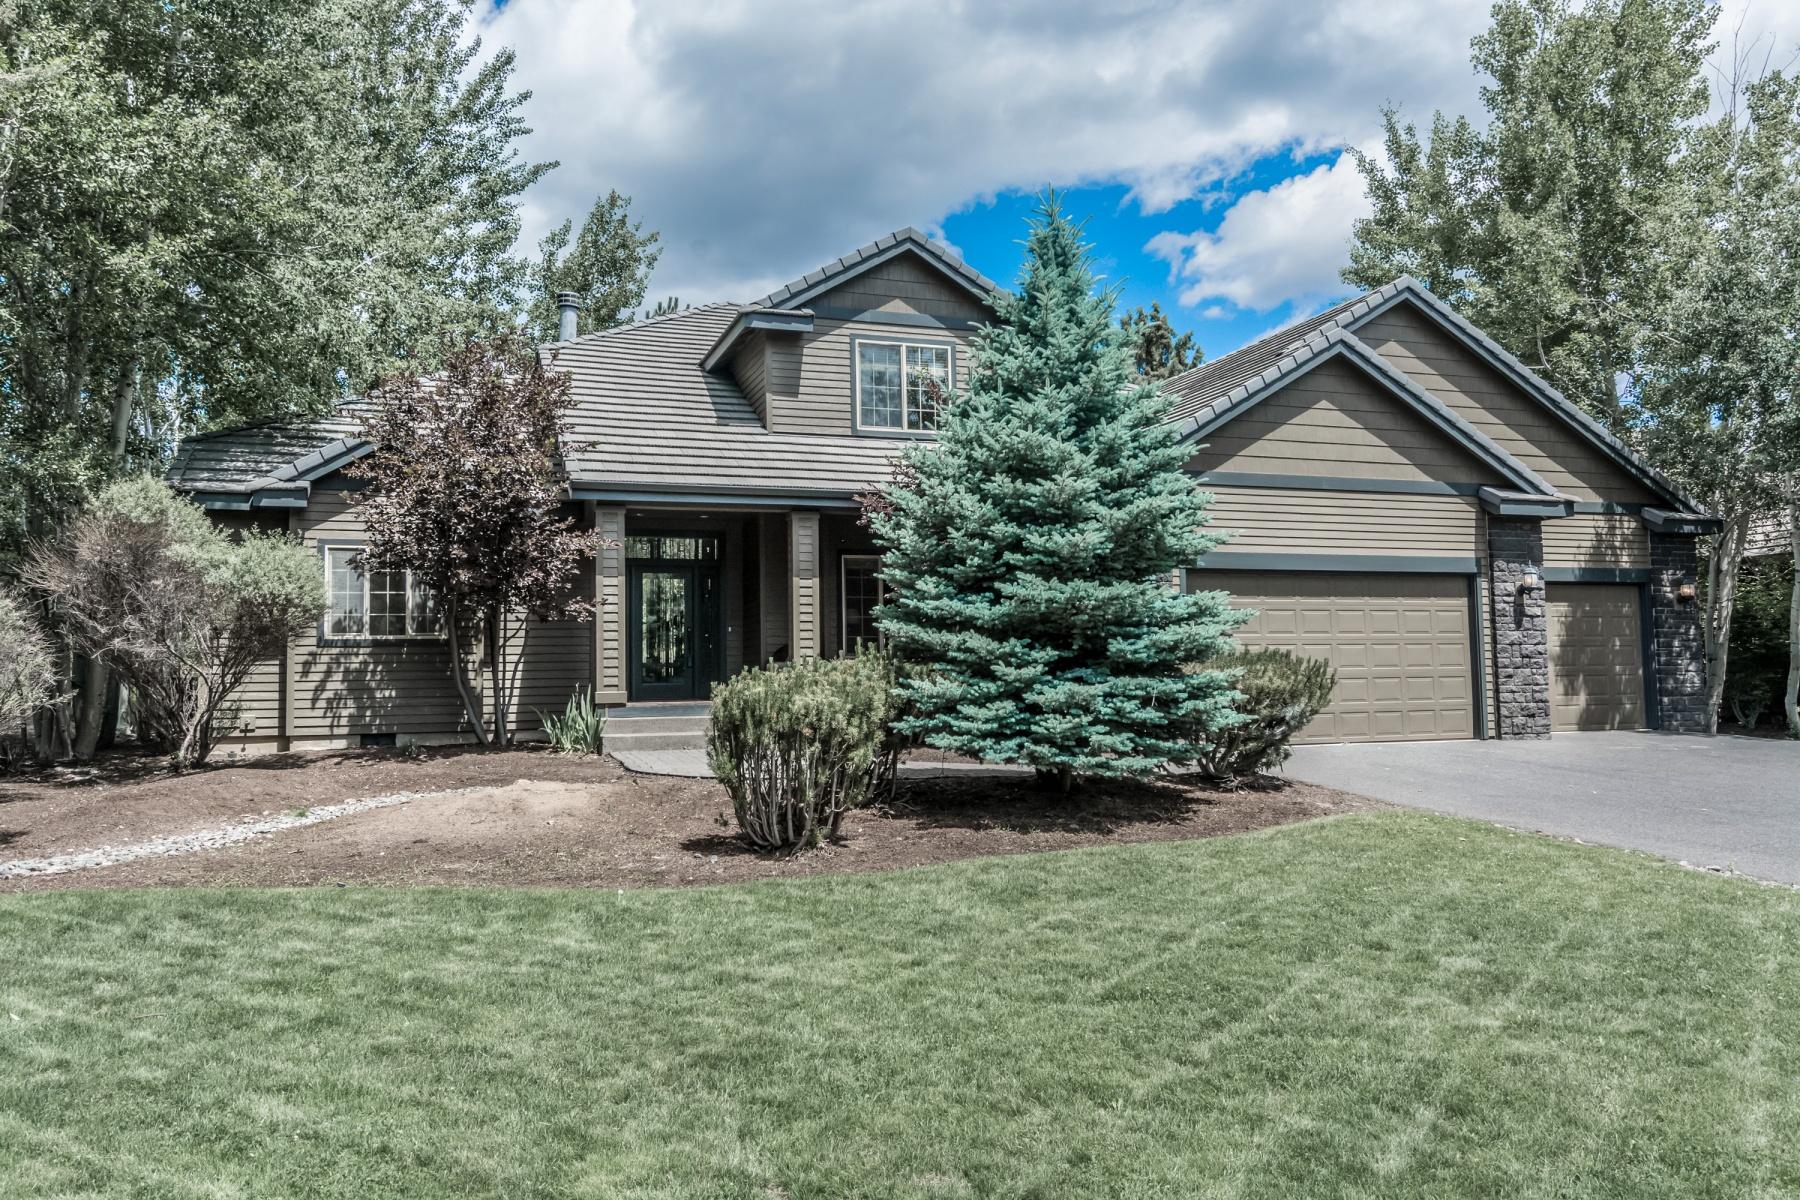 Tek Ailelik Ev için Satış at Awbrey Butte 61524 Tam McArthur Loop Bend, Oregon 97702 Amerika Birleşik Devletleri